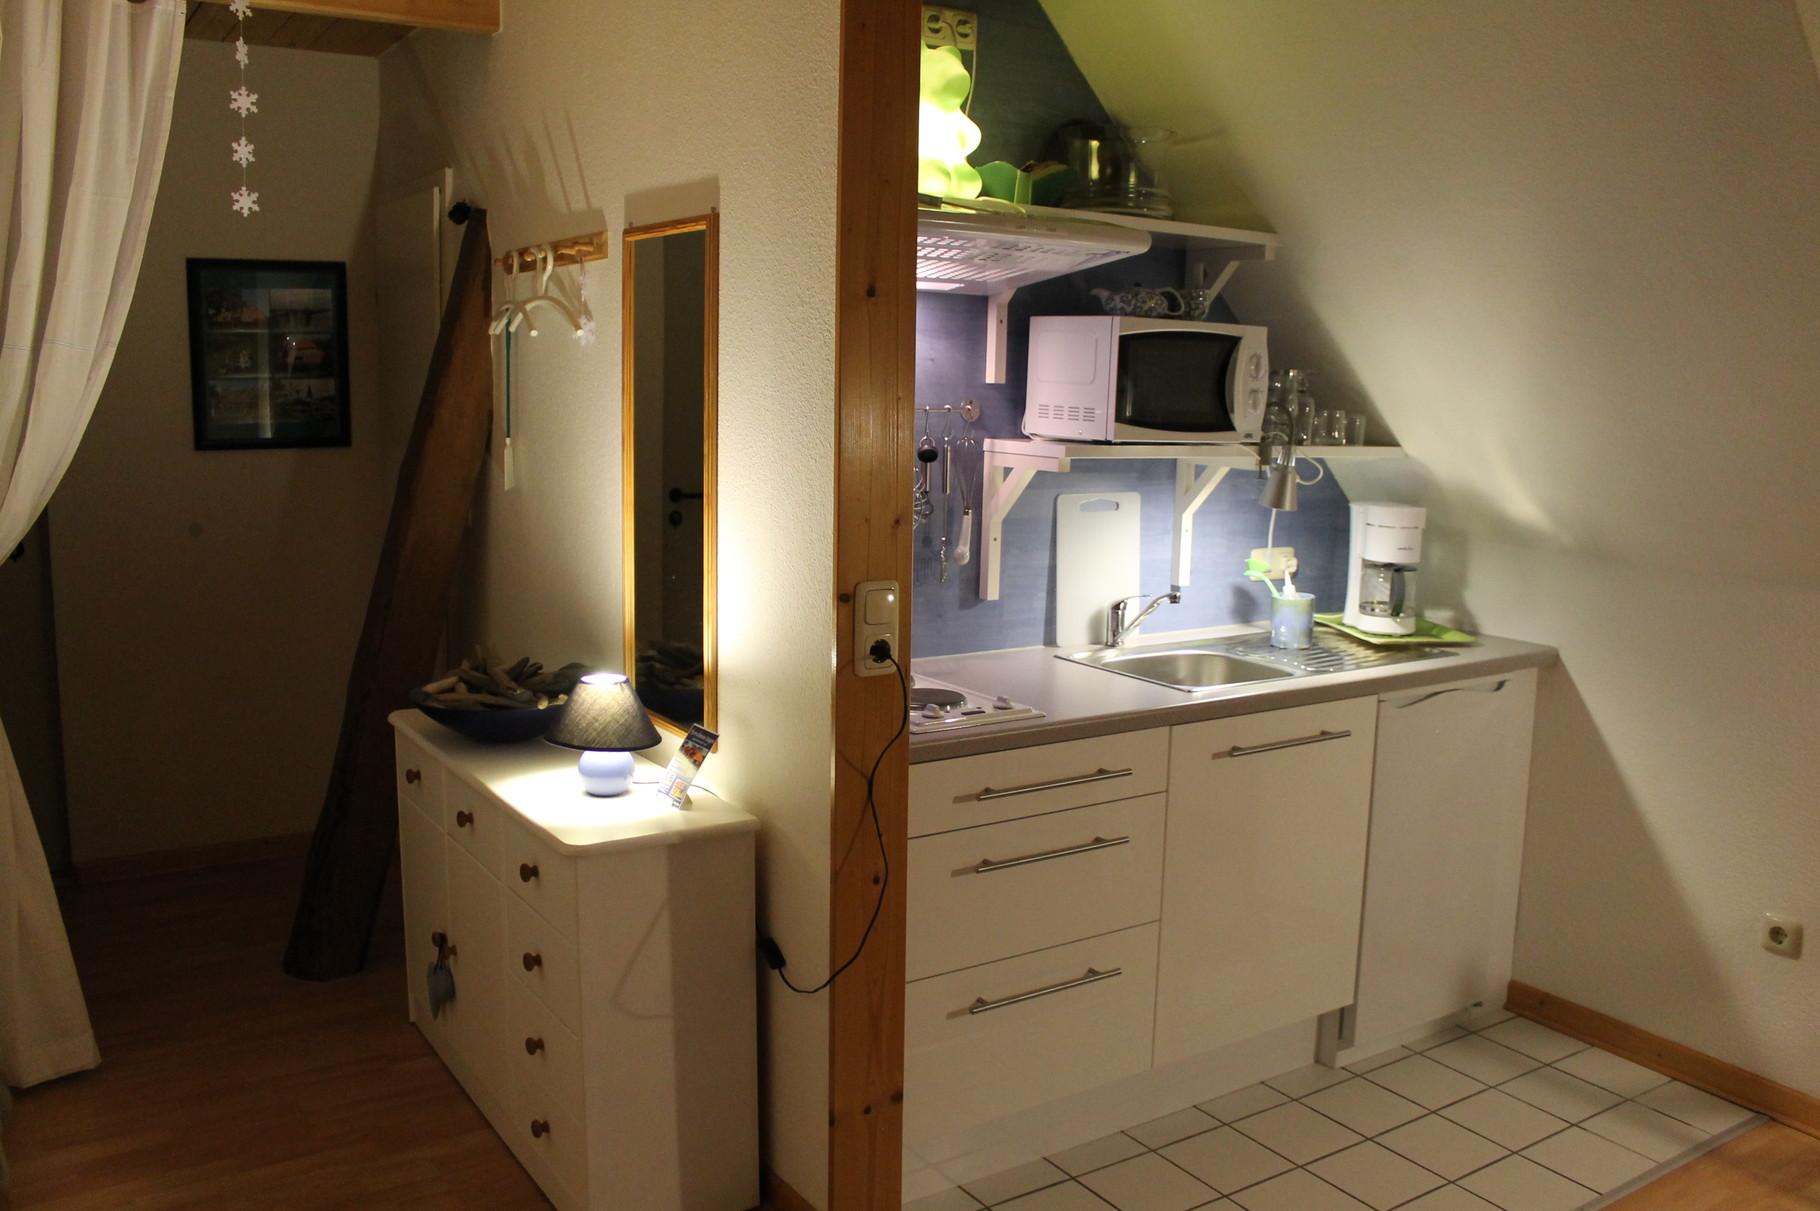 Wohnung 1, Küche, Flur